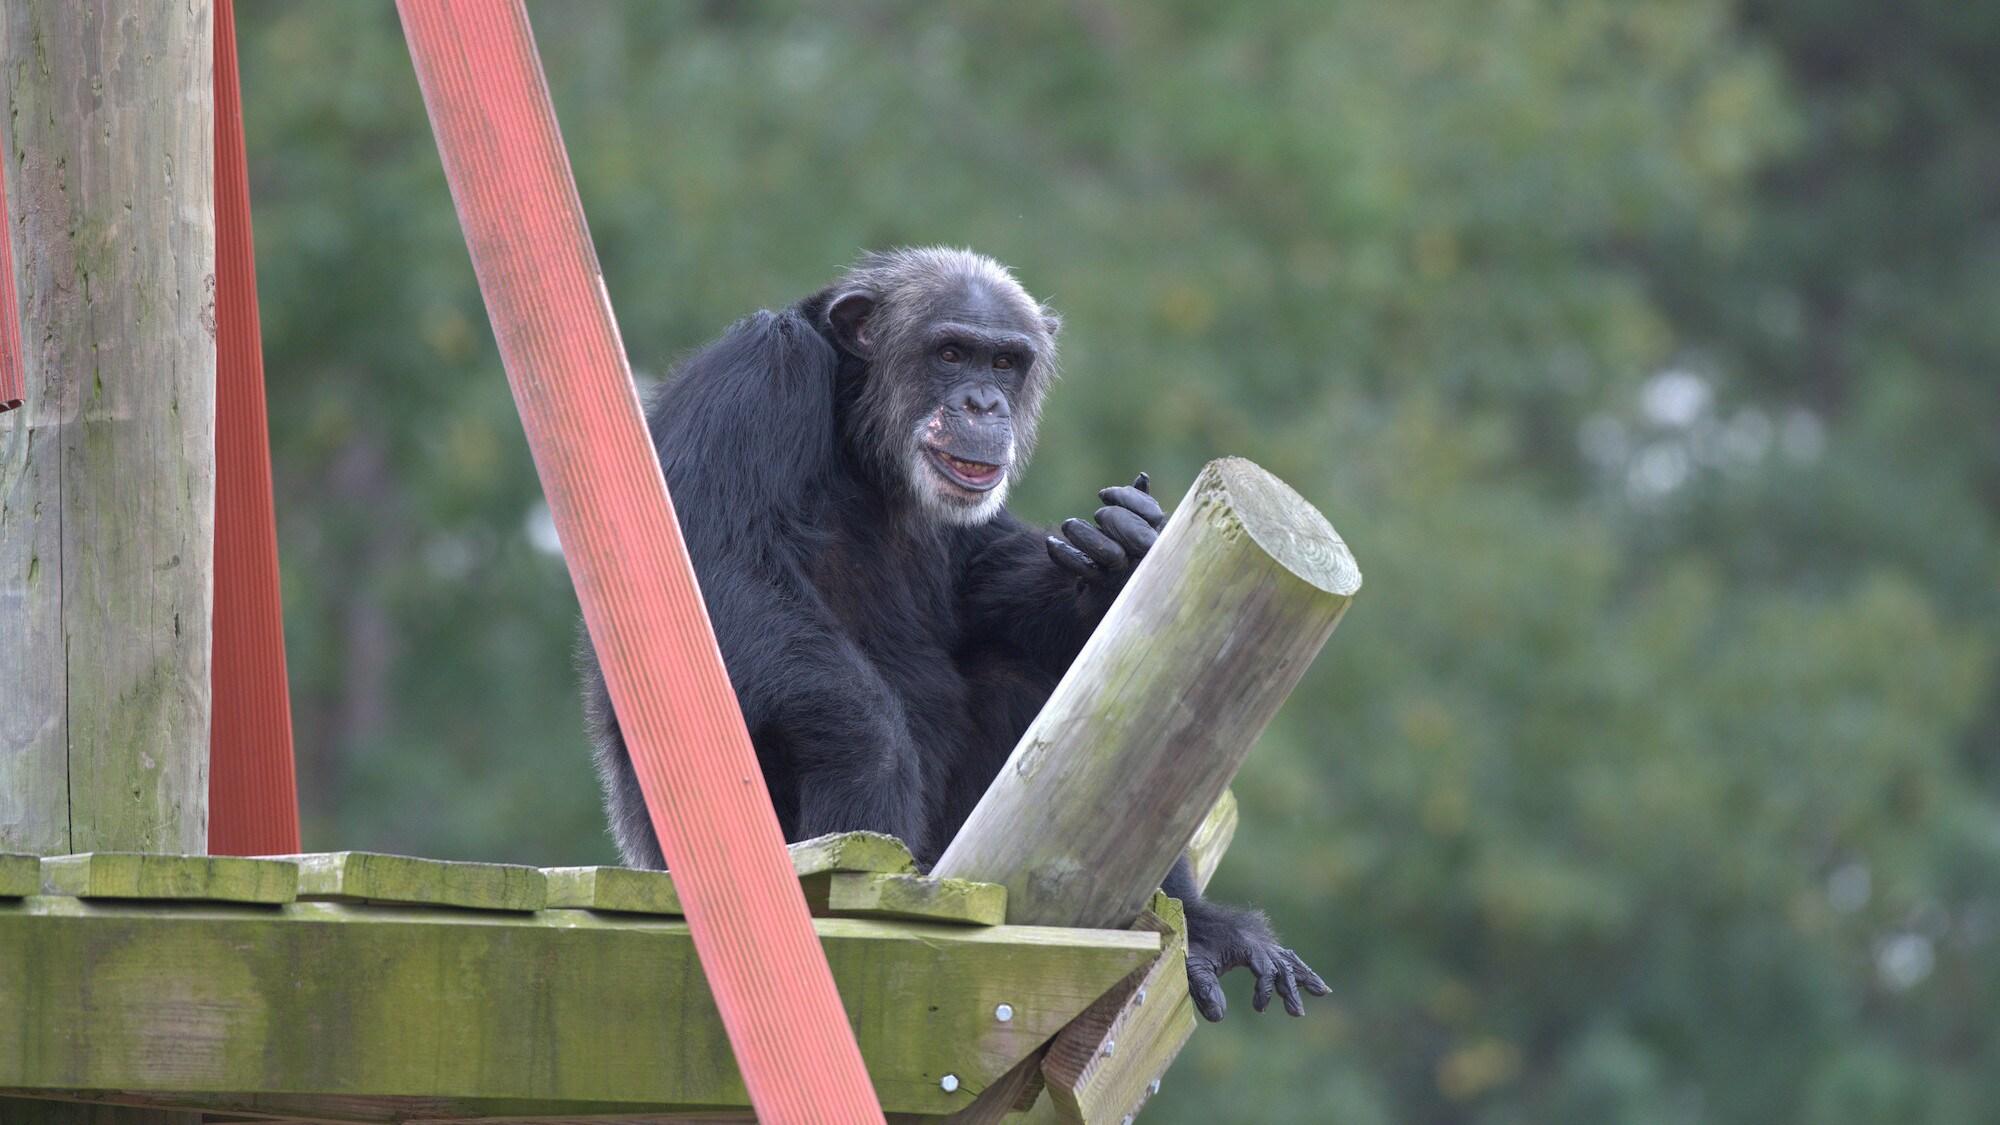 TJ on wooden platform. (Chimp Haven)